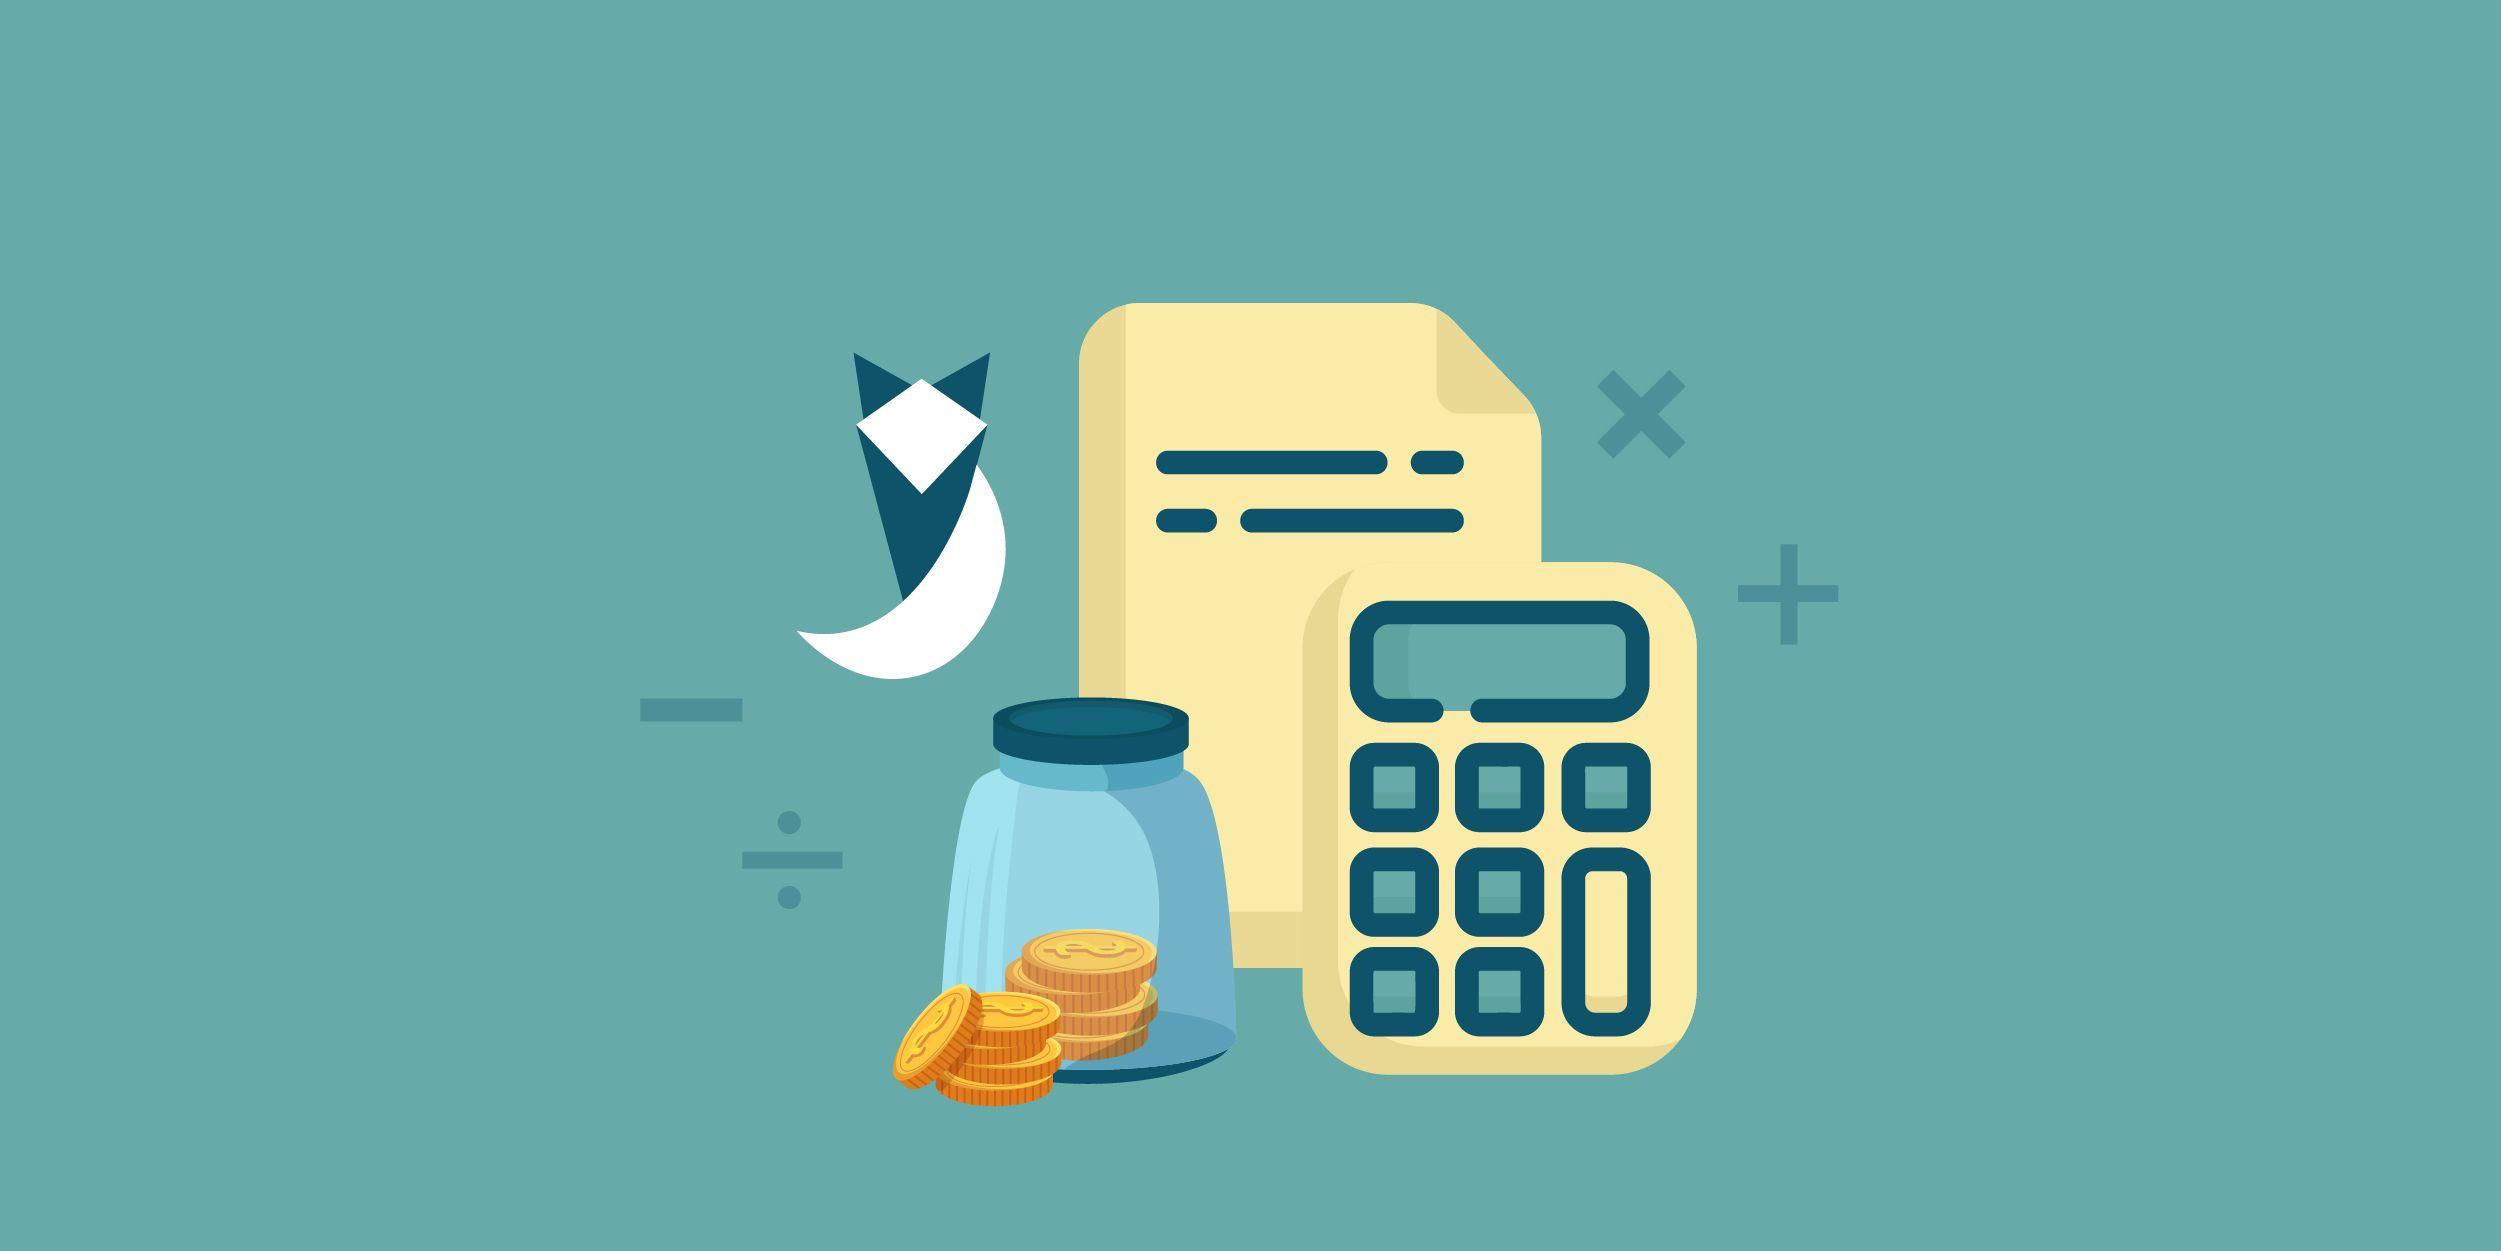 إزاي تحدد مصاريفك وتظبط ميزانيتك مع الميزانية الصفرية؟